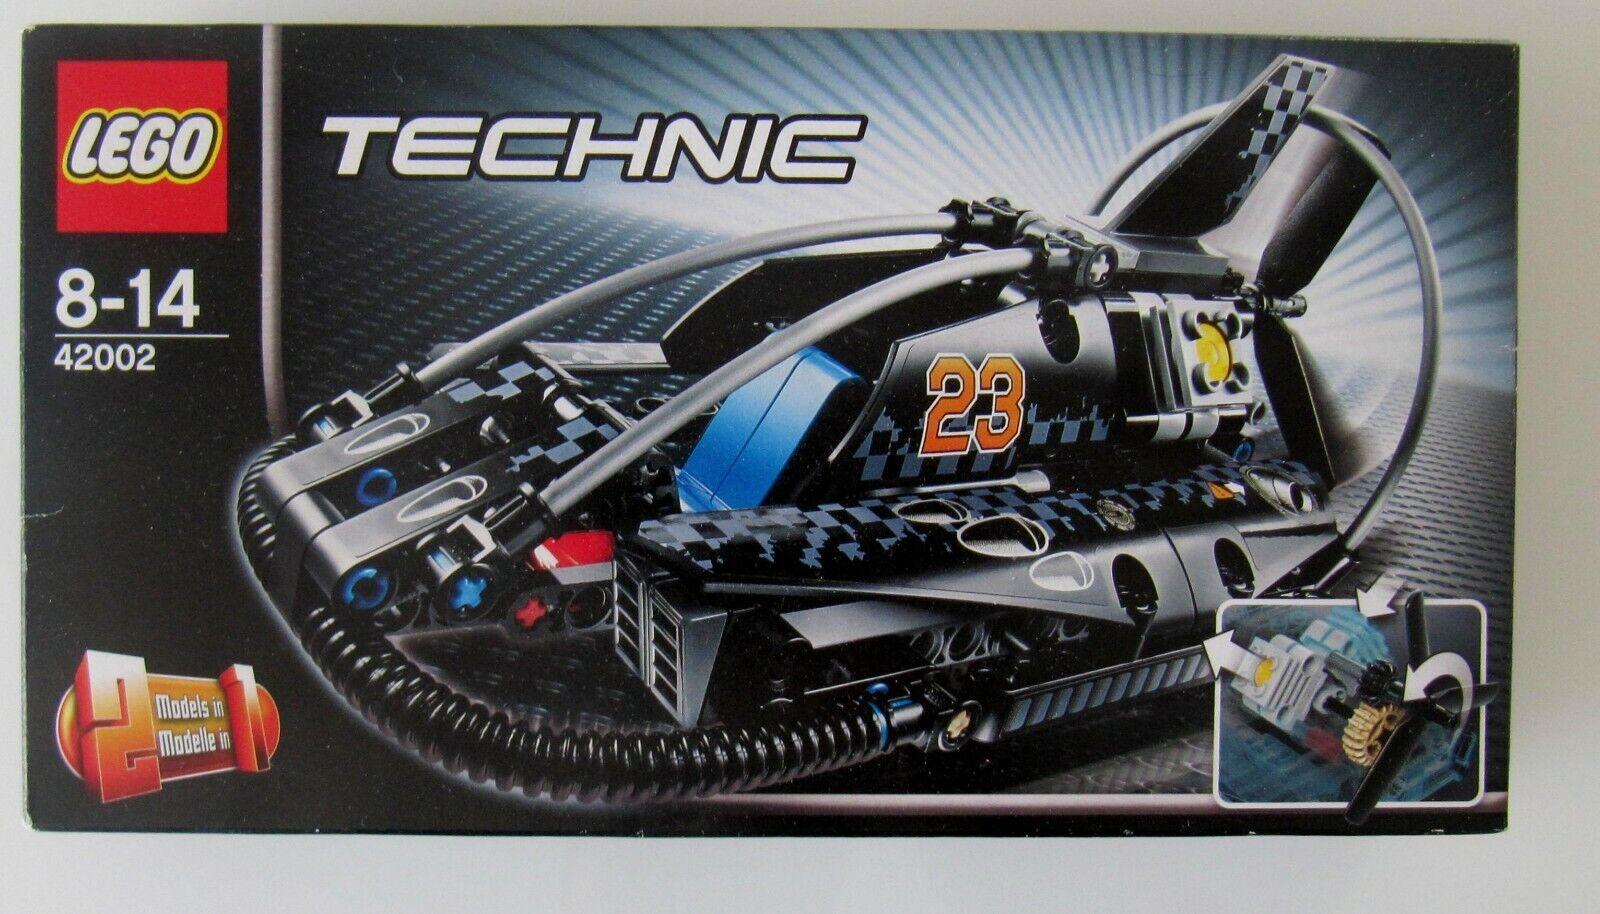 Nuevo con embalaje original  lego Technic 42002  dos modelos en un